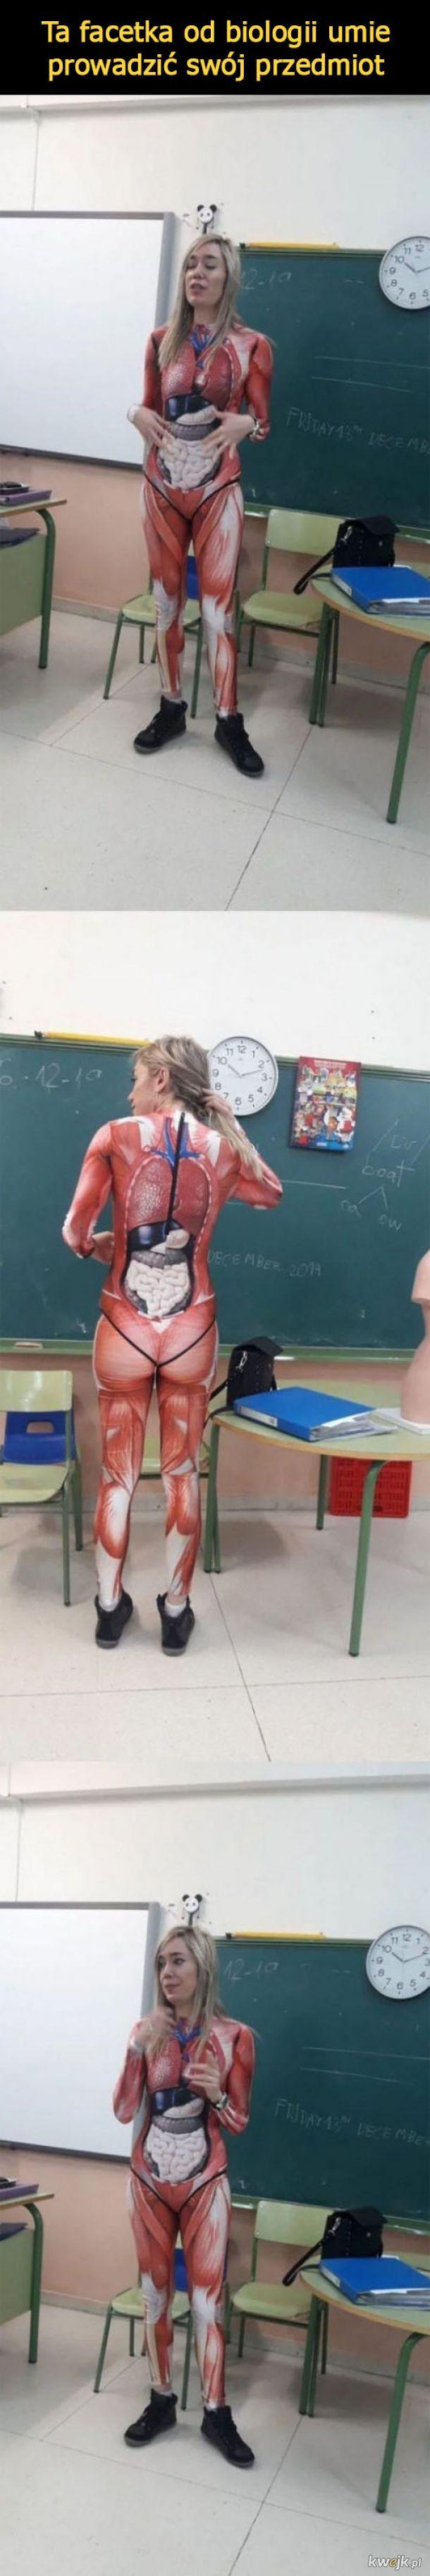 Taką biologię to ja mogę mieć